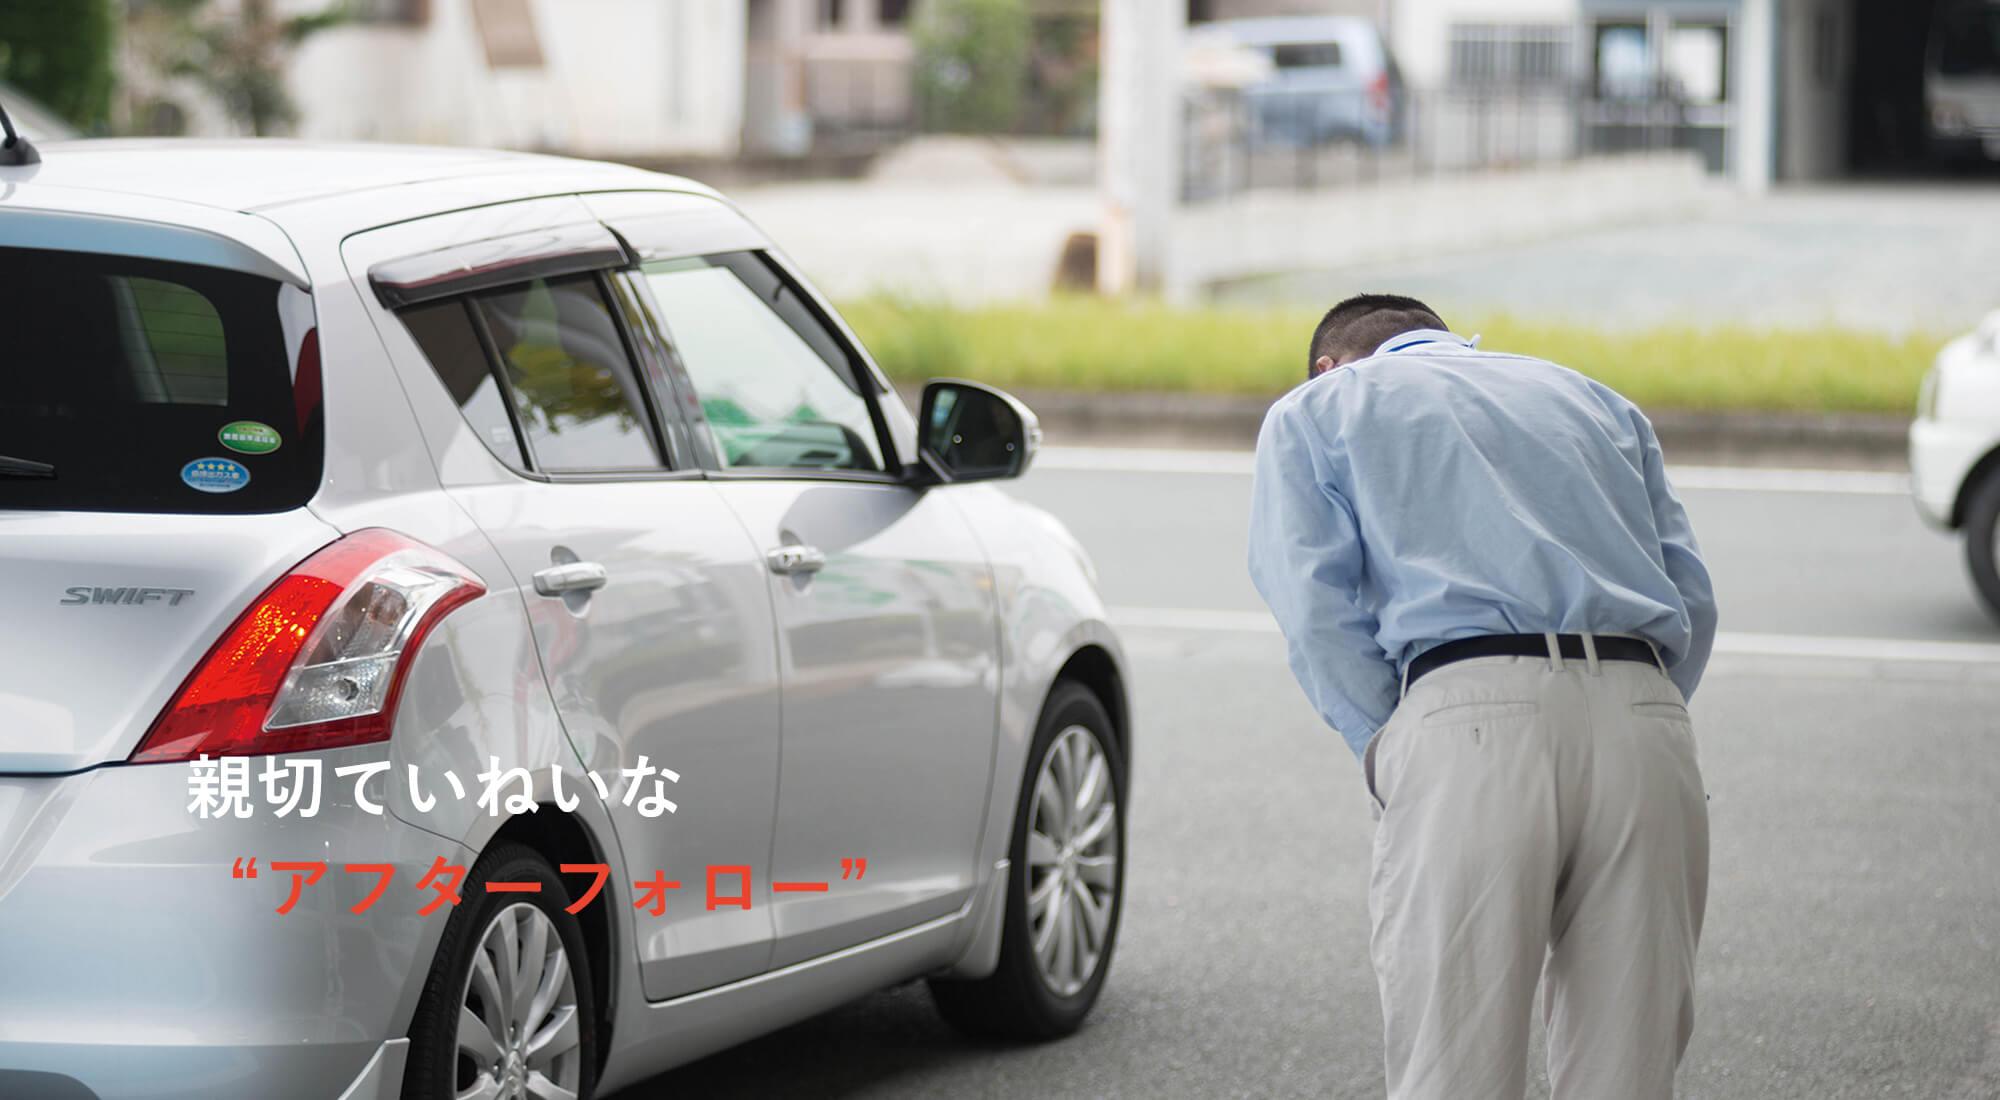 明石くるまサポート 車検・鈑金・点検・整備 静岡県浜松市